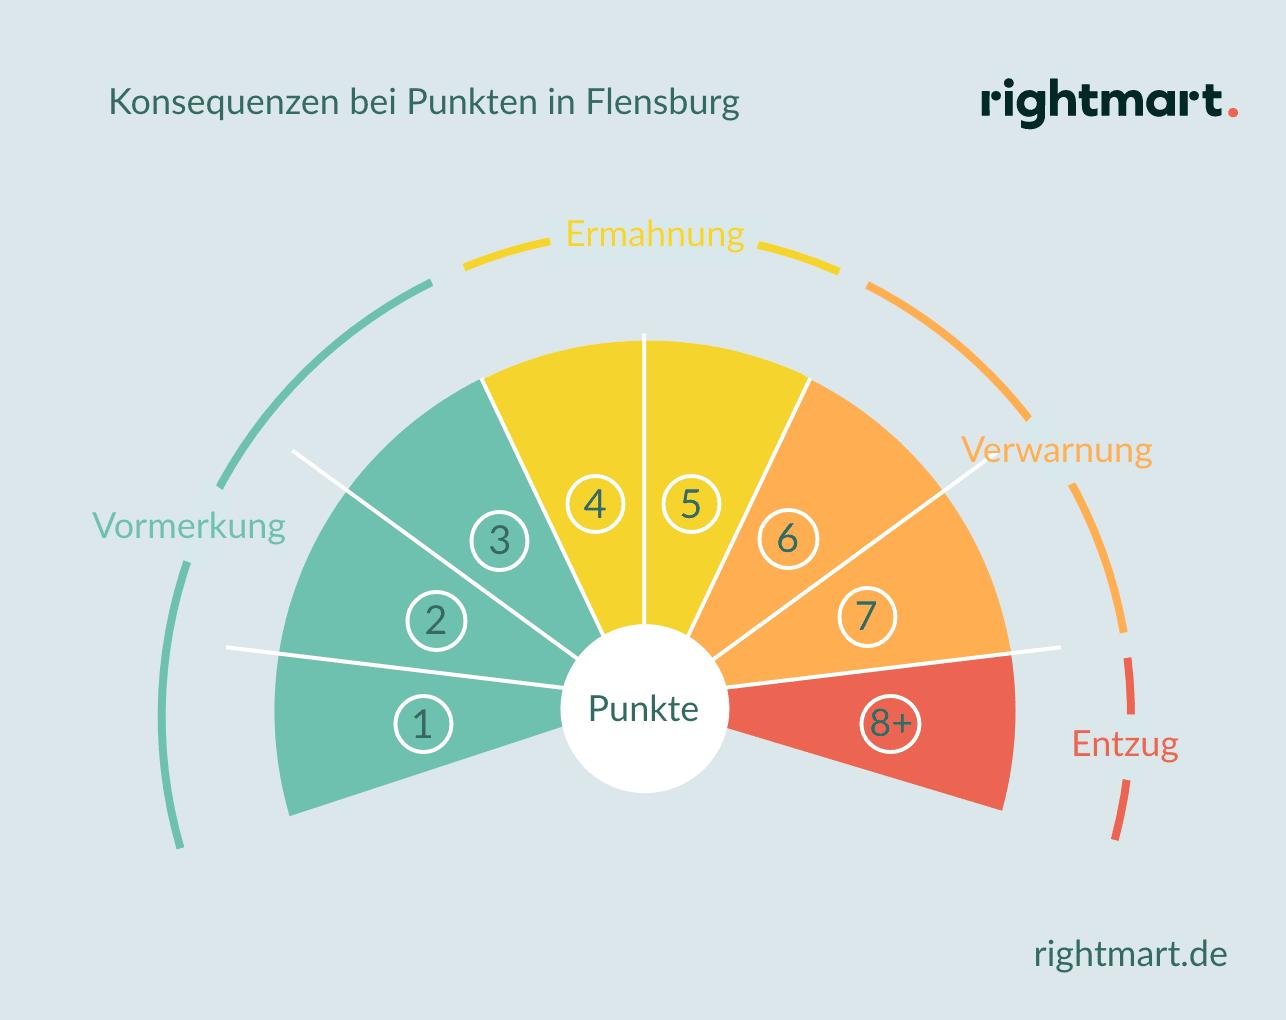 Konsequenzen bei Punkten in Flensburg